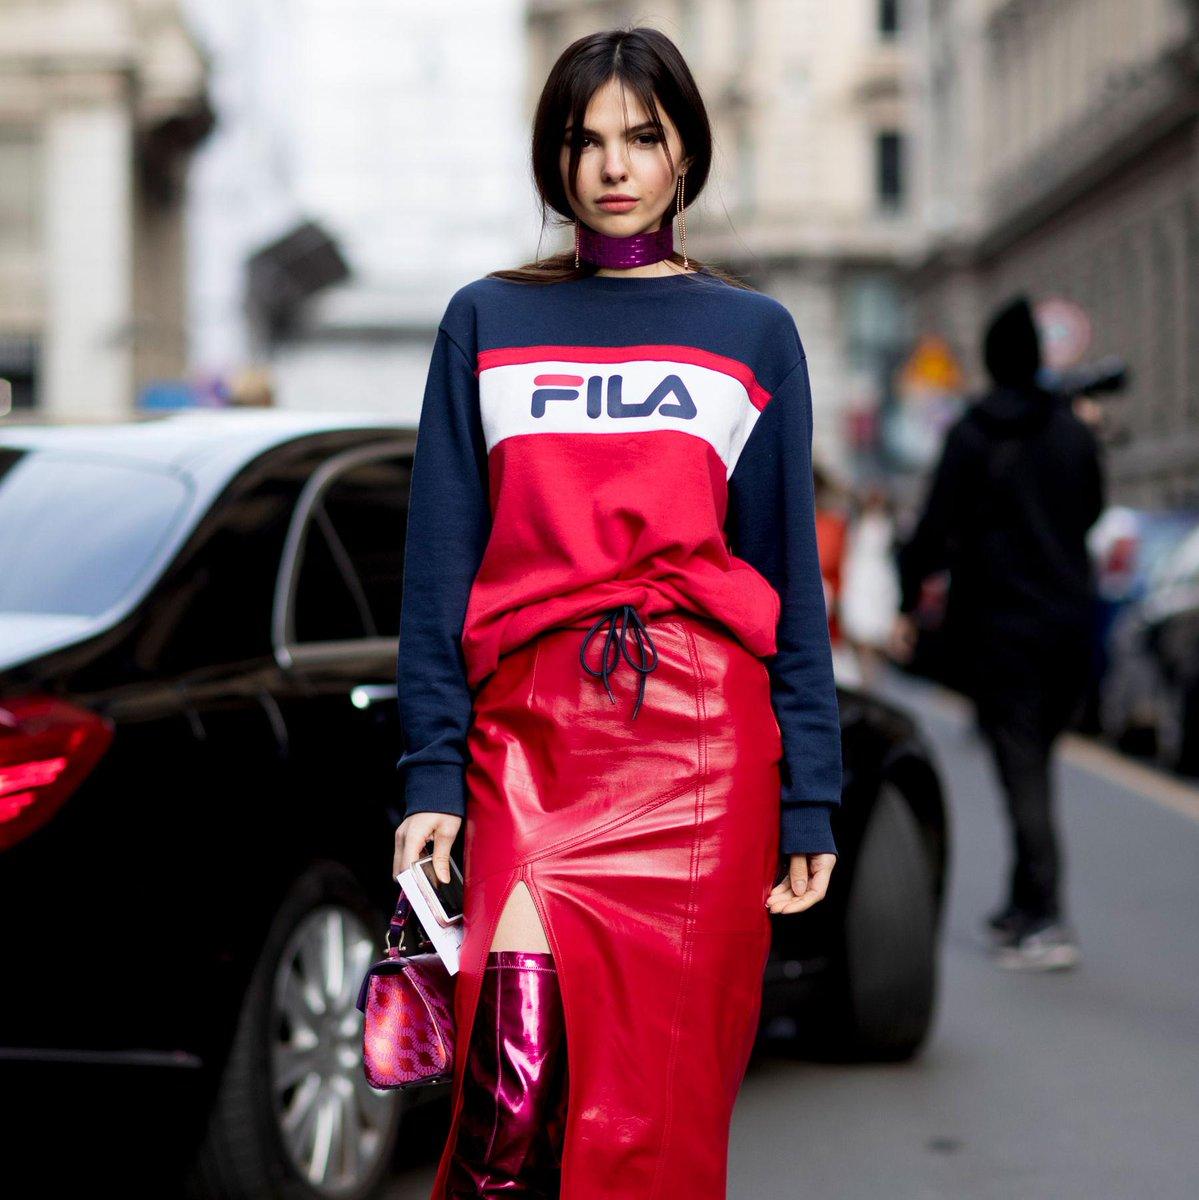 #Mode Ce qu'il faut retenir de la Fashion week de Milan  http:// dlvr.it/NVXVj1  &nbsp;  <br>http://pic.twitter.com/FCP0UoOhwV